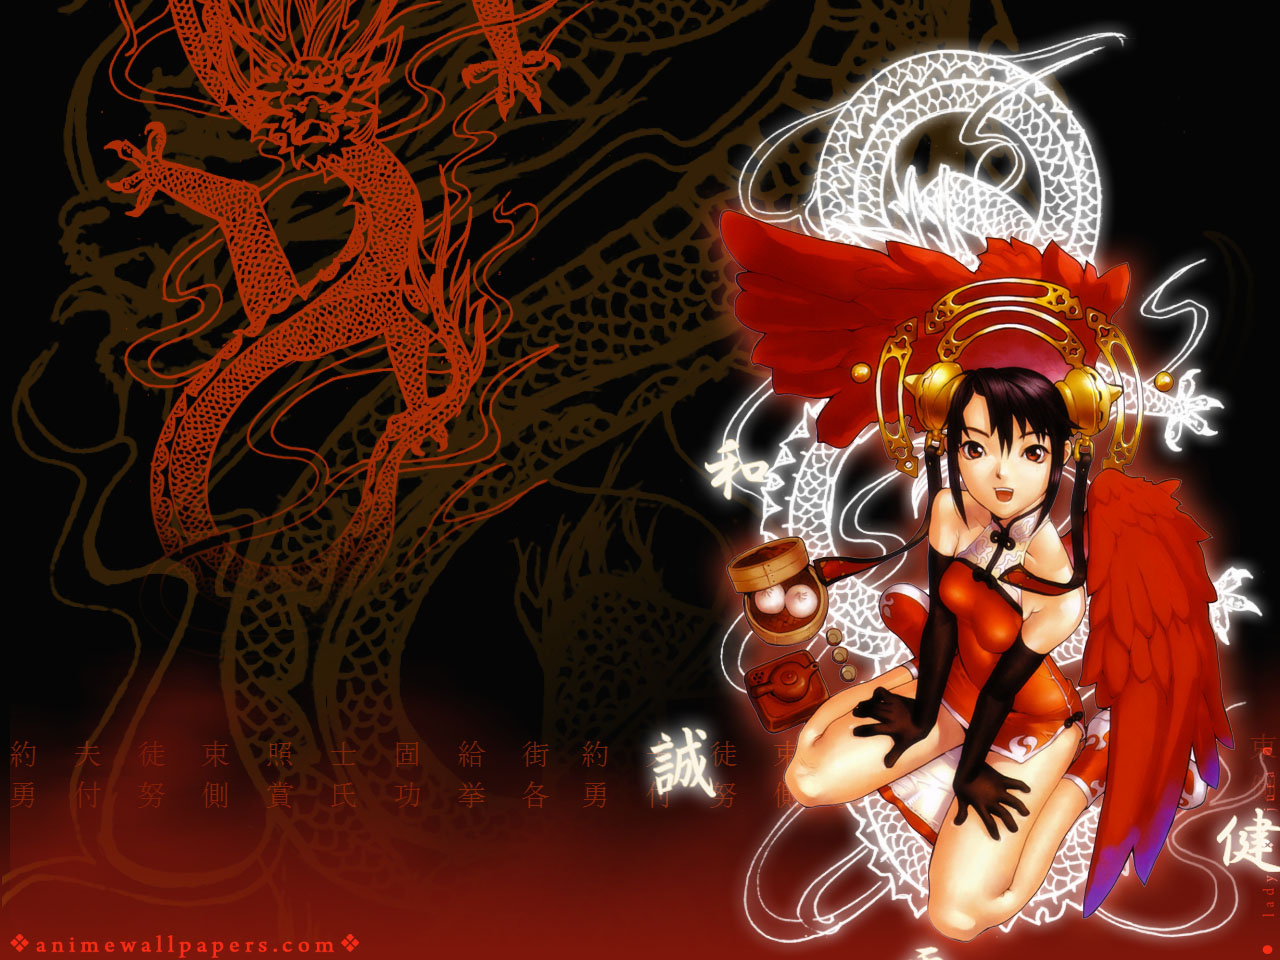 Bakuretsu Tenshi Anime Wallpaper # 3